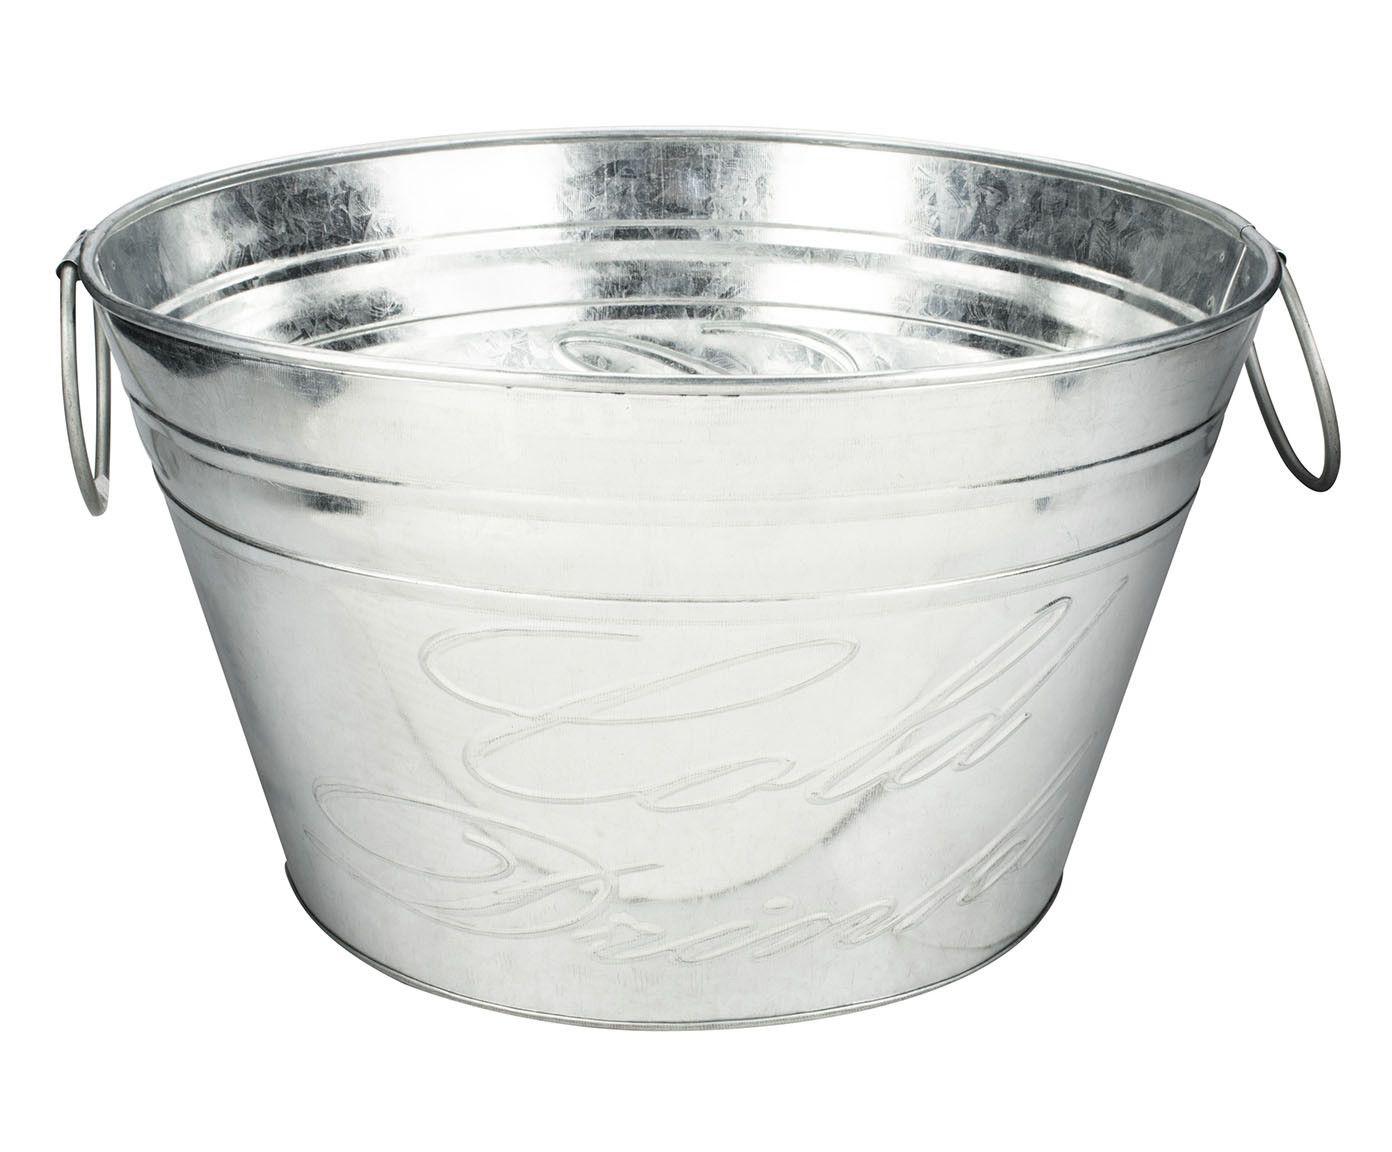 Cooler Vasy Galvanizado - 21X35cm | Westwing.com.br